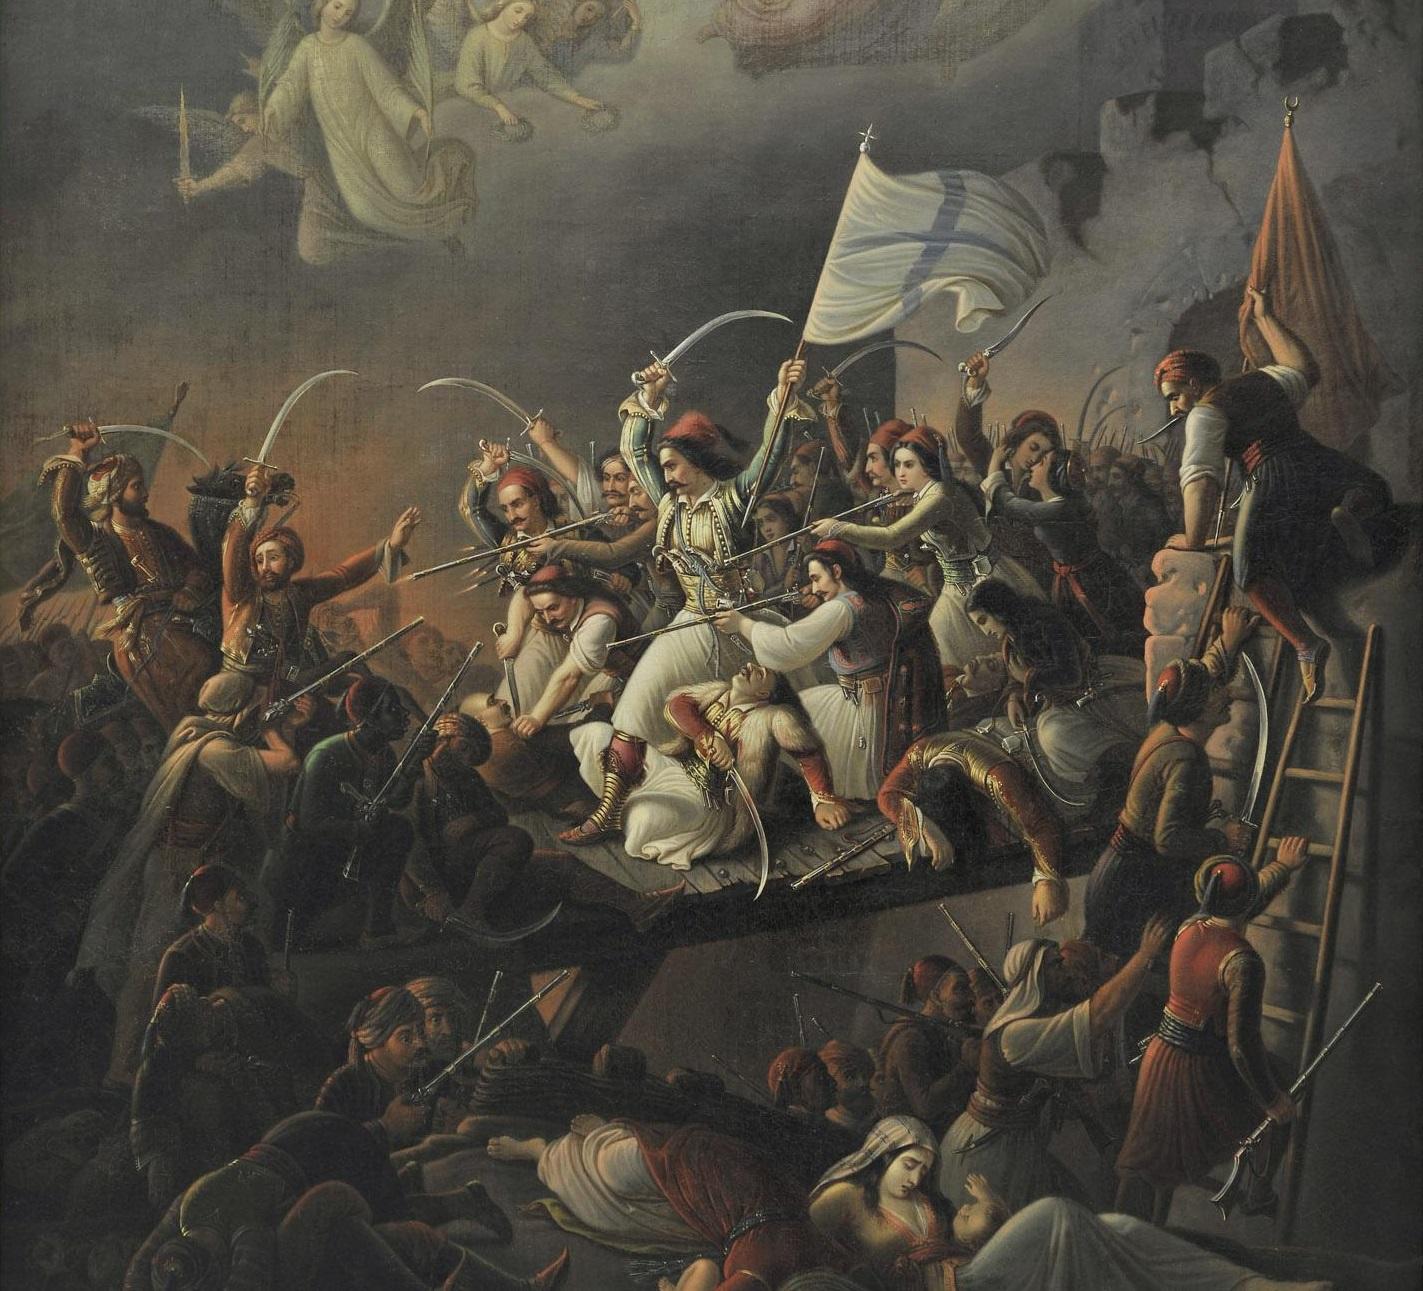 Ανακοίνωση ΜΕΚΕΑ: Το 1821 έγινε το πρώτο βήμα για την Εθνική και Κοινωνική Κυριαρχία, που βραχυκυκλώθηκε από τις ξένες και ντόπιες ελίτ – Χρέος μας να συνεχίσουμε την Επανάσταση